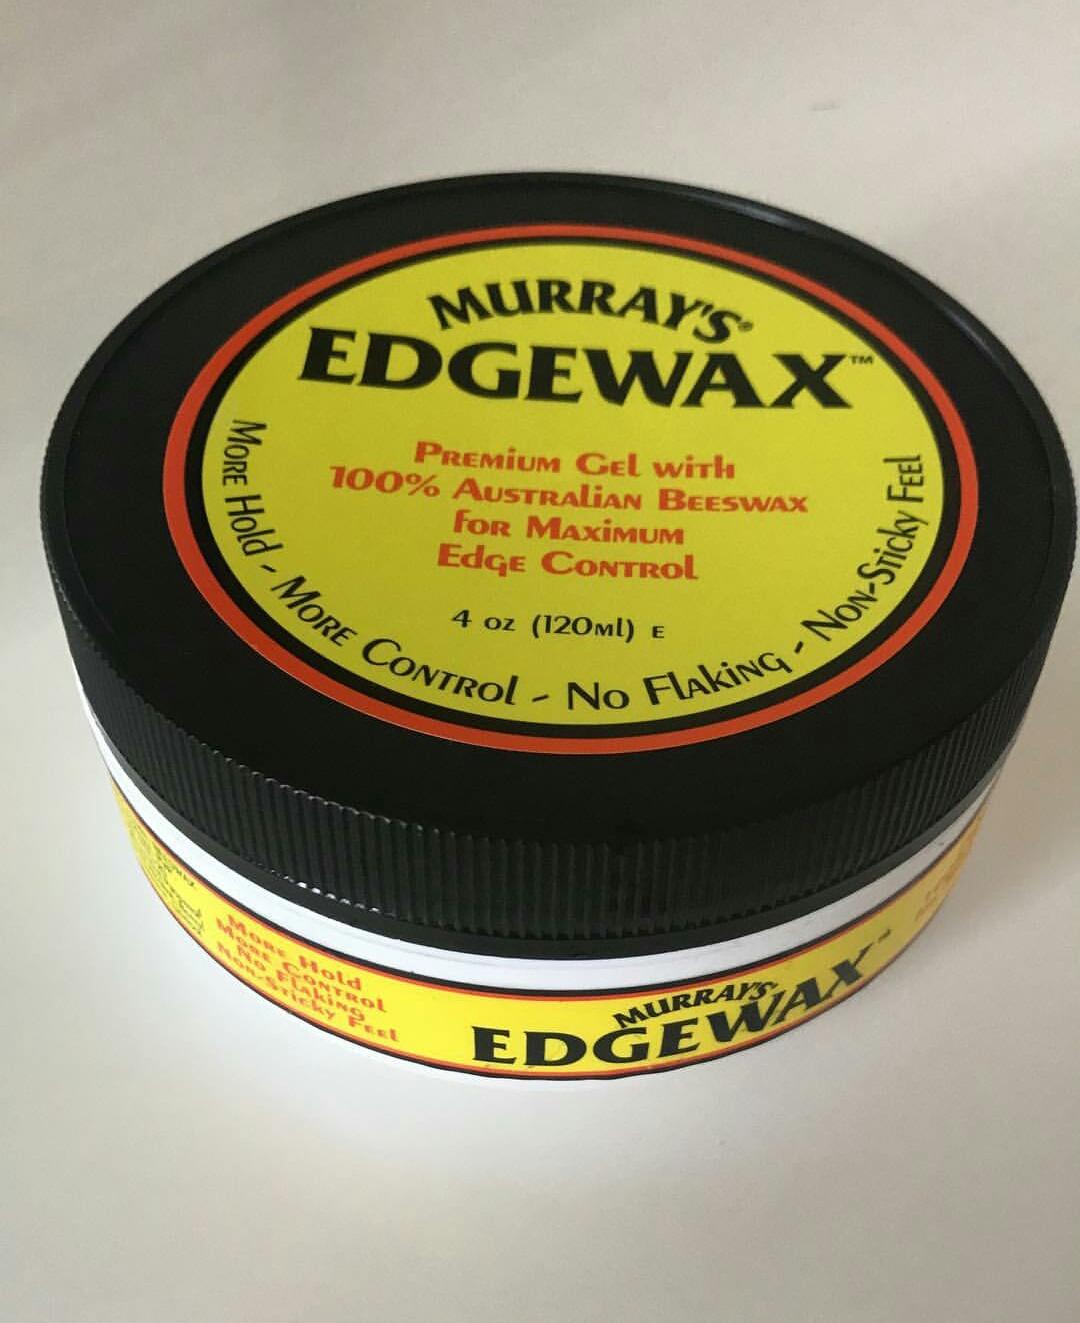 Murrays Edgewax Extreme Hold Pomade Waterbase 5oz Daftar Harga Water Based Original  Grosir Merupakan Waterbased Dari Yang Dapat Dikatakan Kualitas